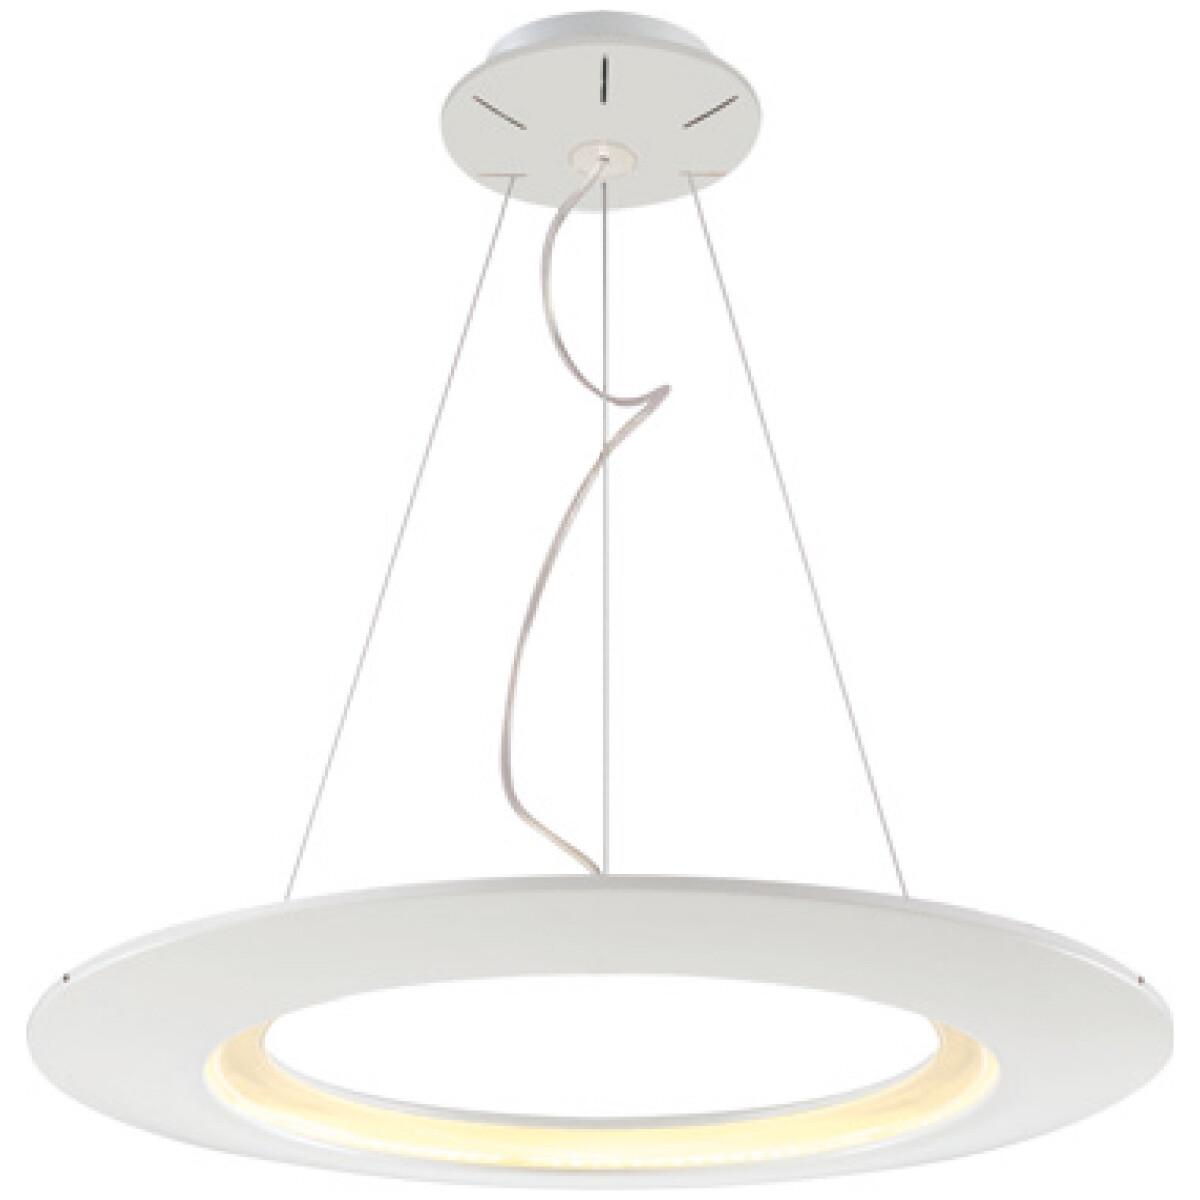 LED Hanglamp - Hangverlichting - Concepty - 35W - Natuurlijk Wit 4000K - Wit Aluminium